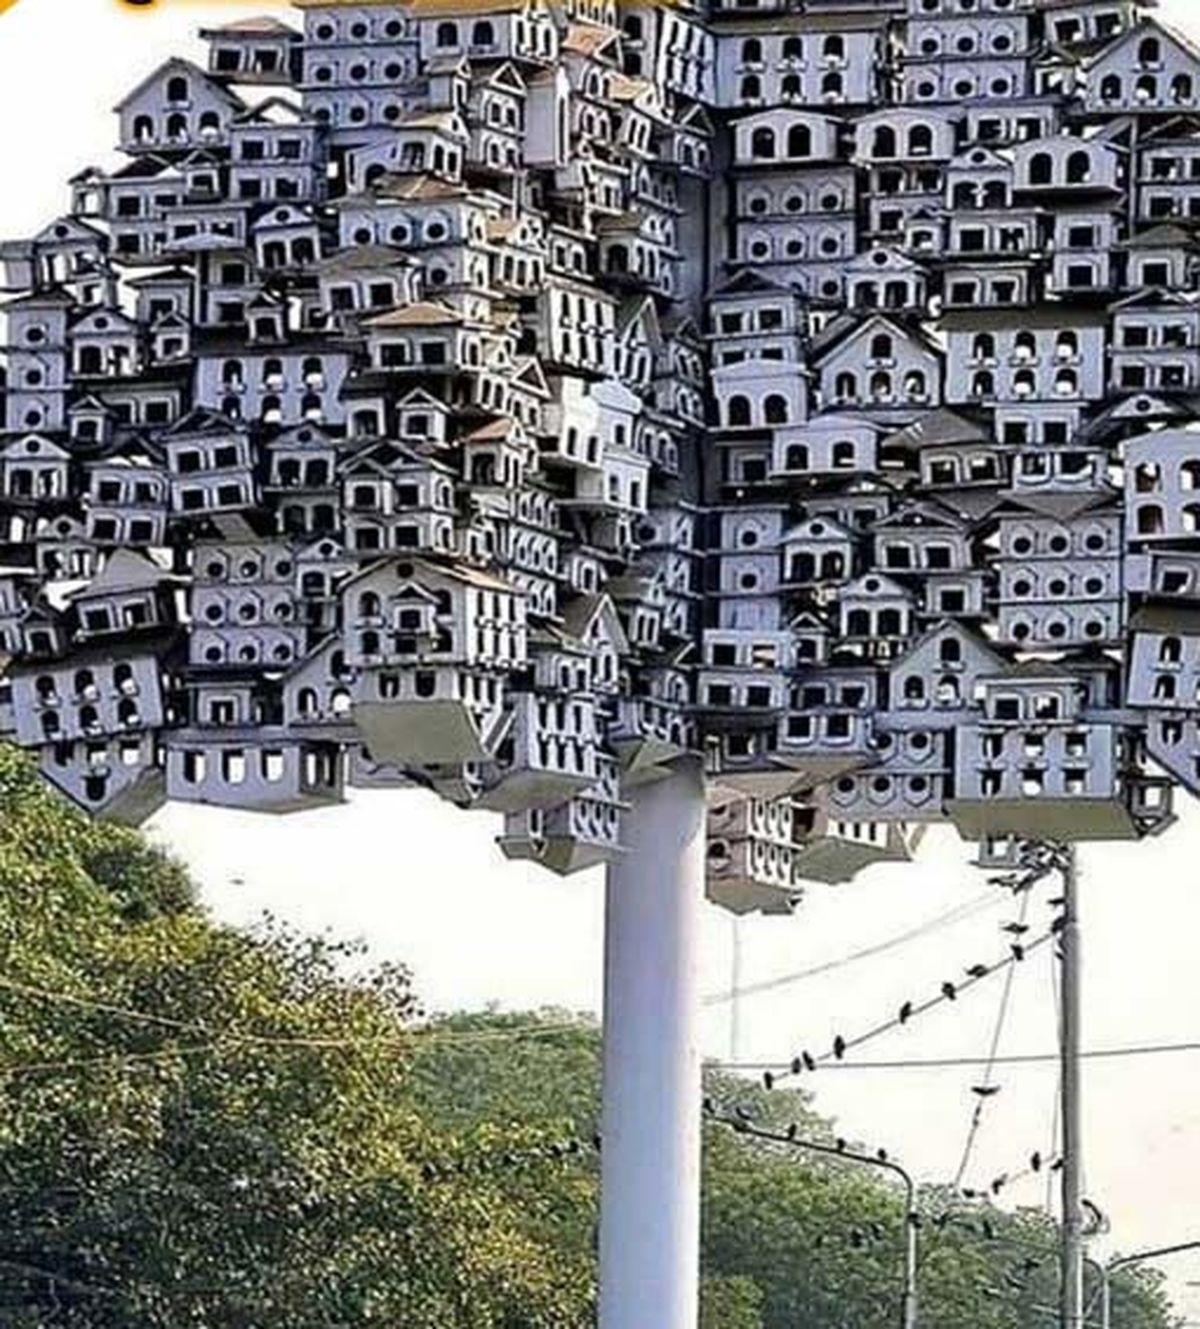 ساخت لانه مخصوص پرنده ها در پاکستان!